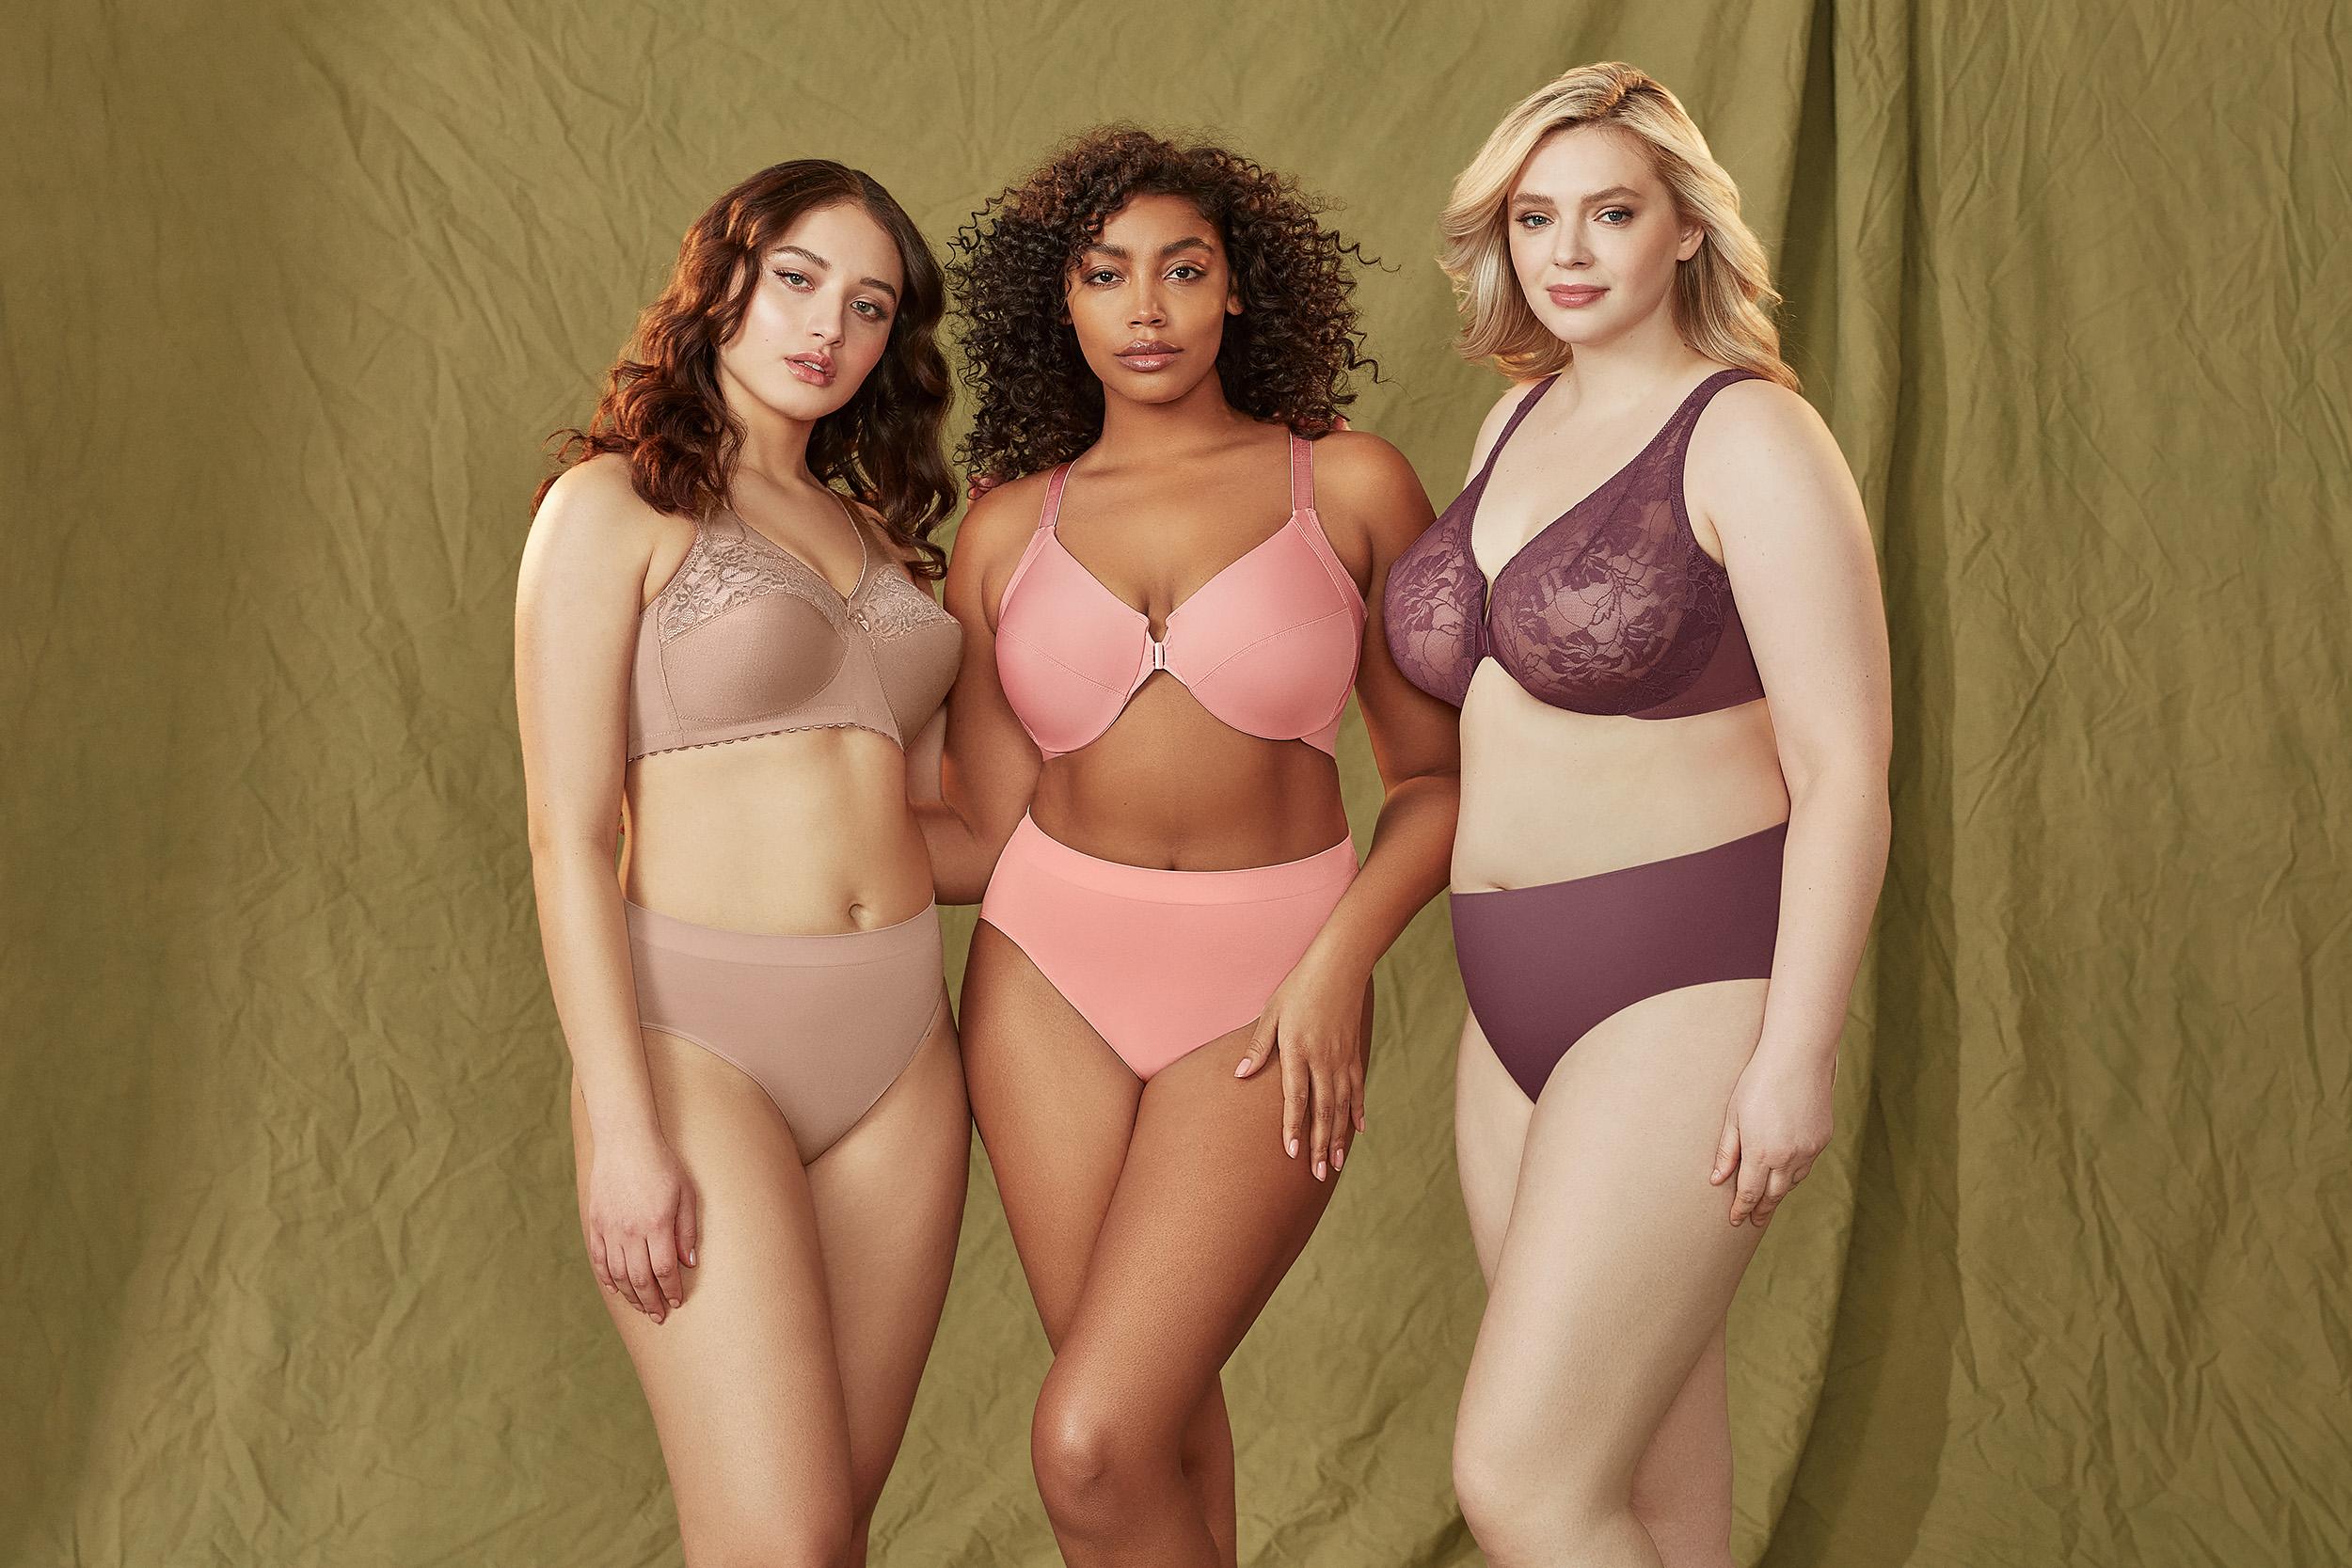 f6534b4e04 Glamorise Plus Size Bras   Lingerie for Full-Figured Women